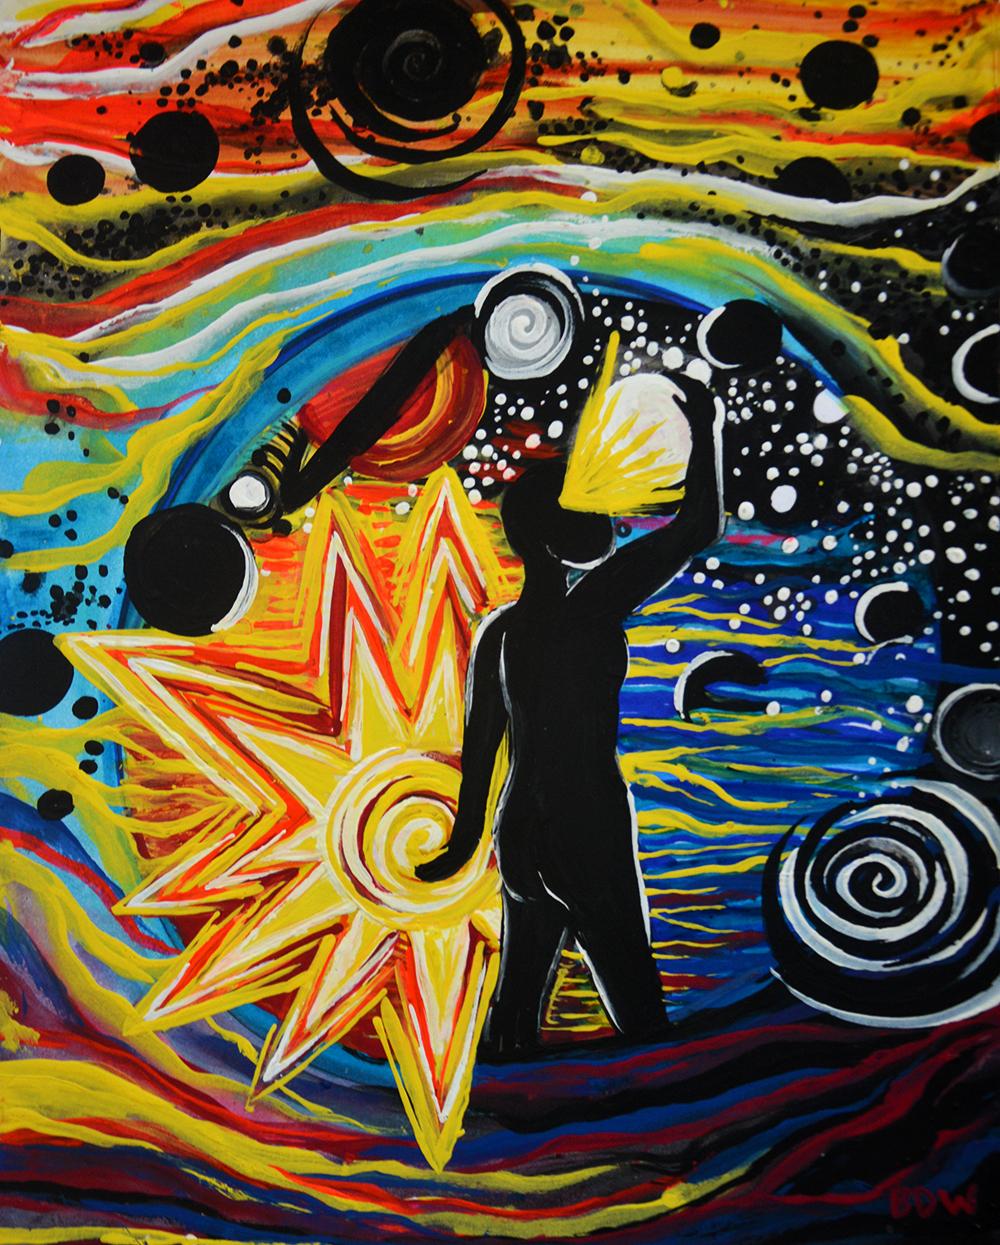 Cosmic Spectrum